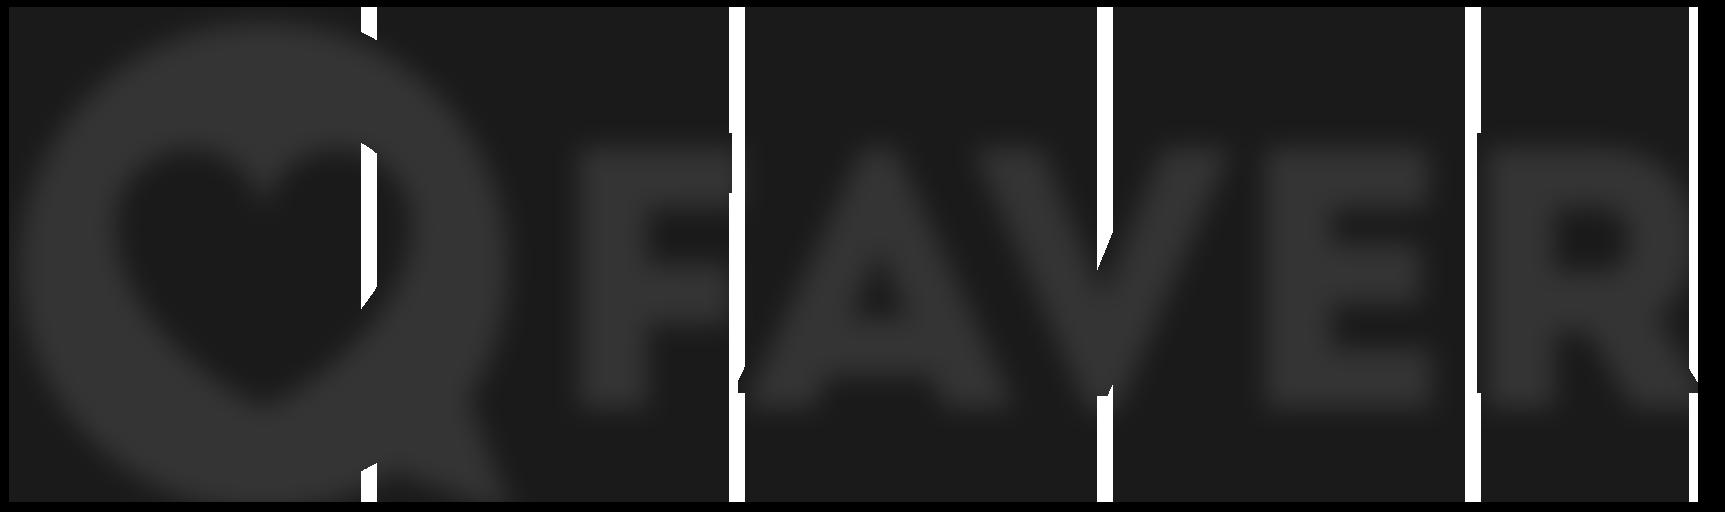 Faver.co.uk – the new Pinterest for online shopping?!